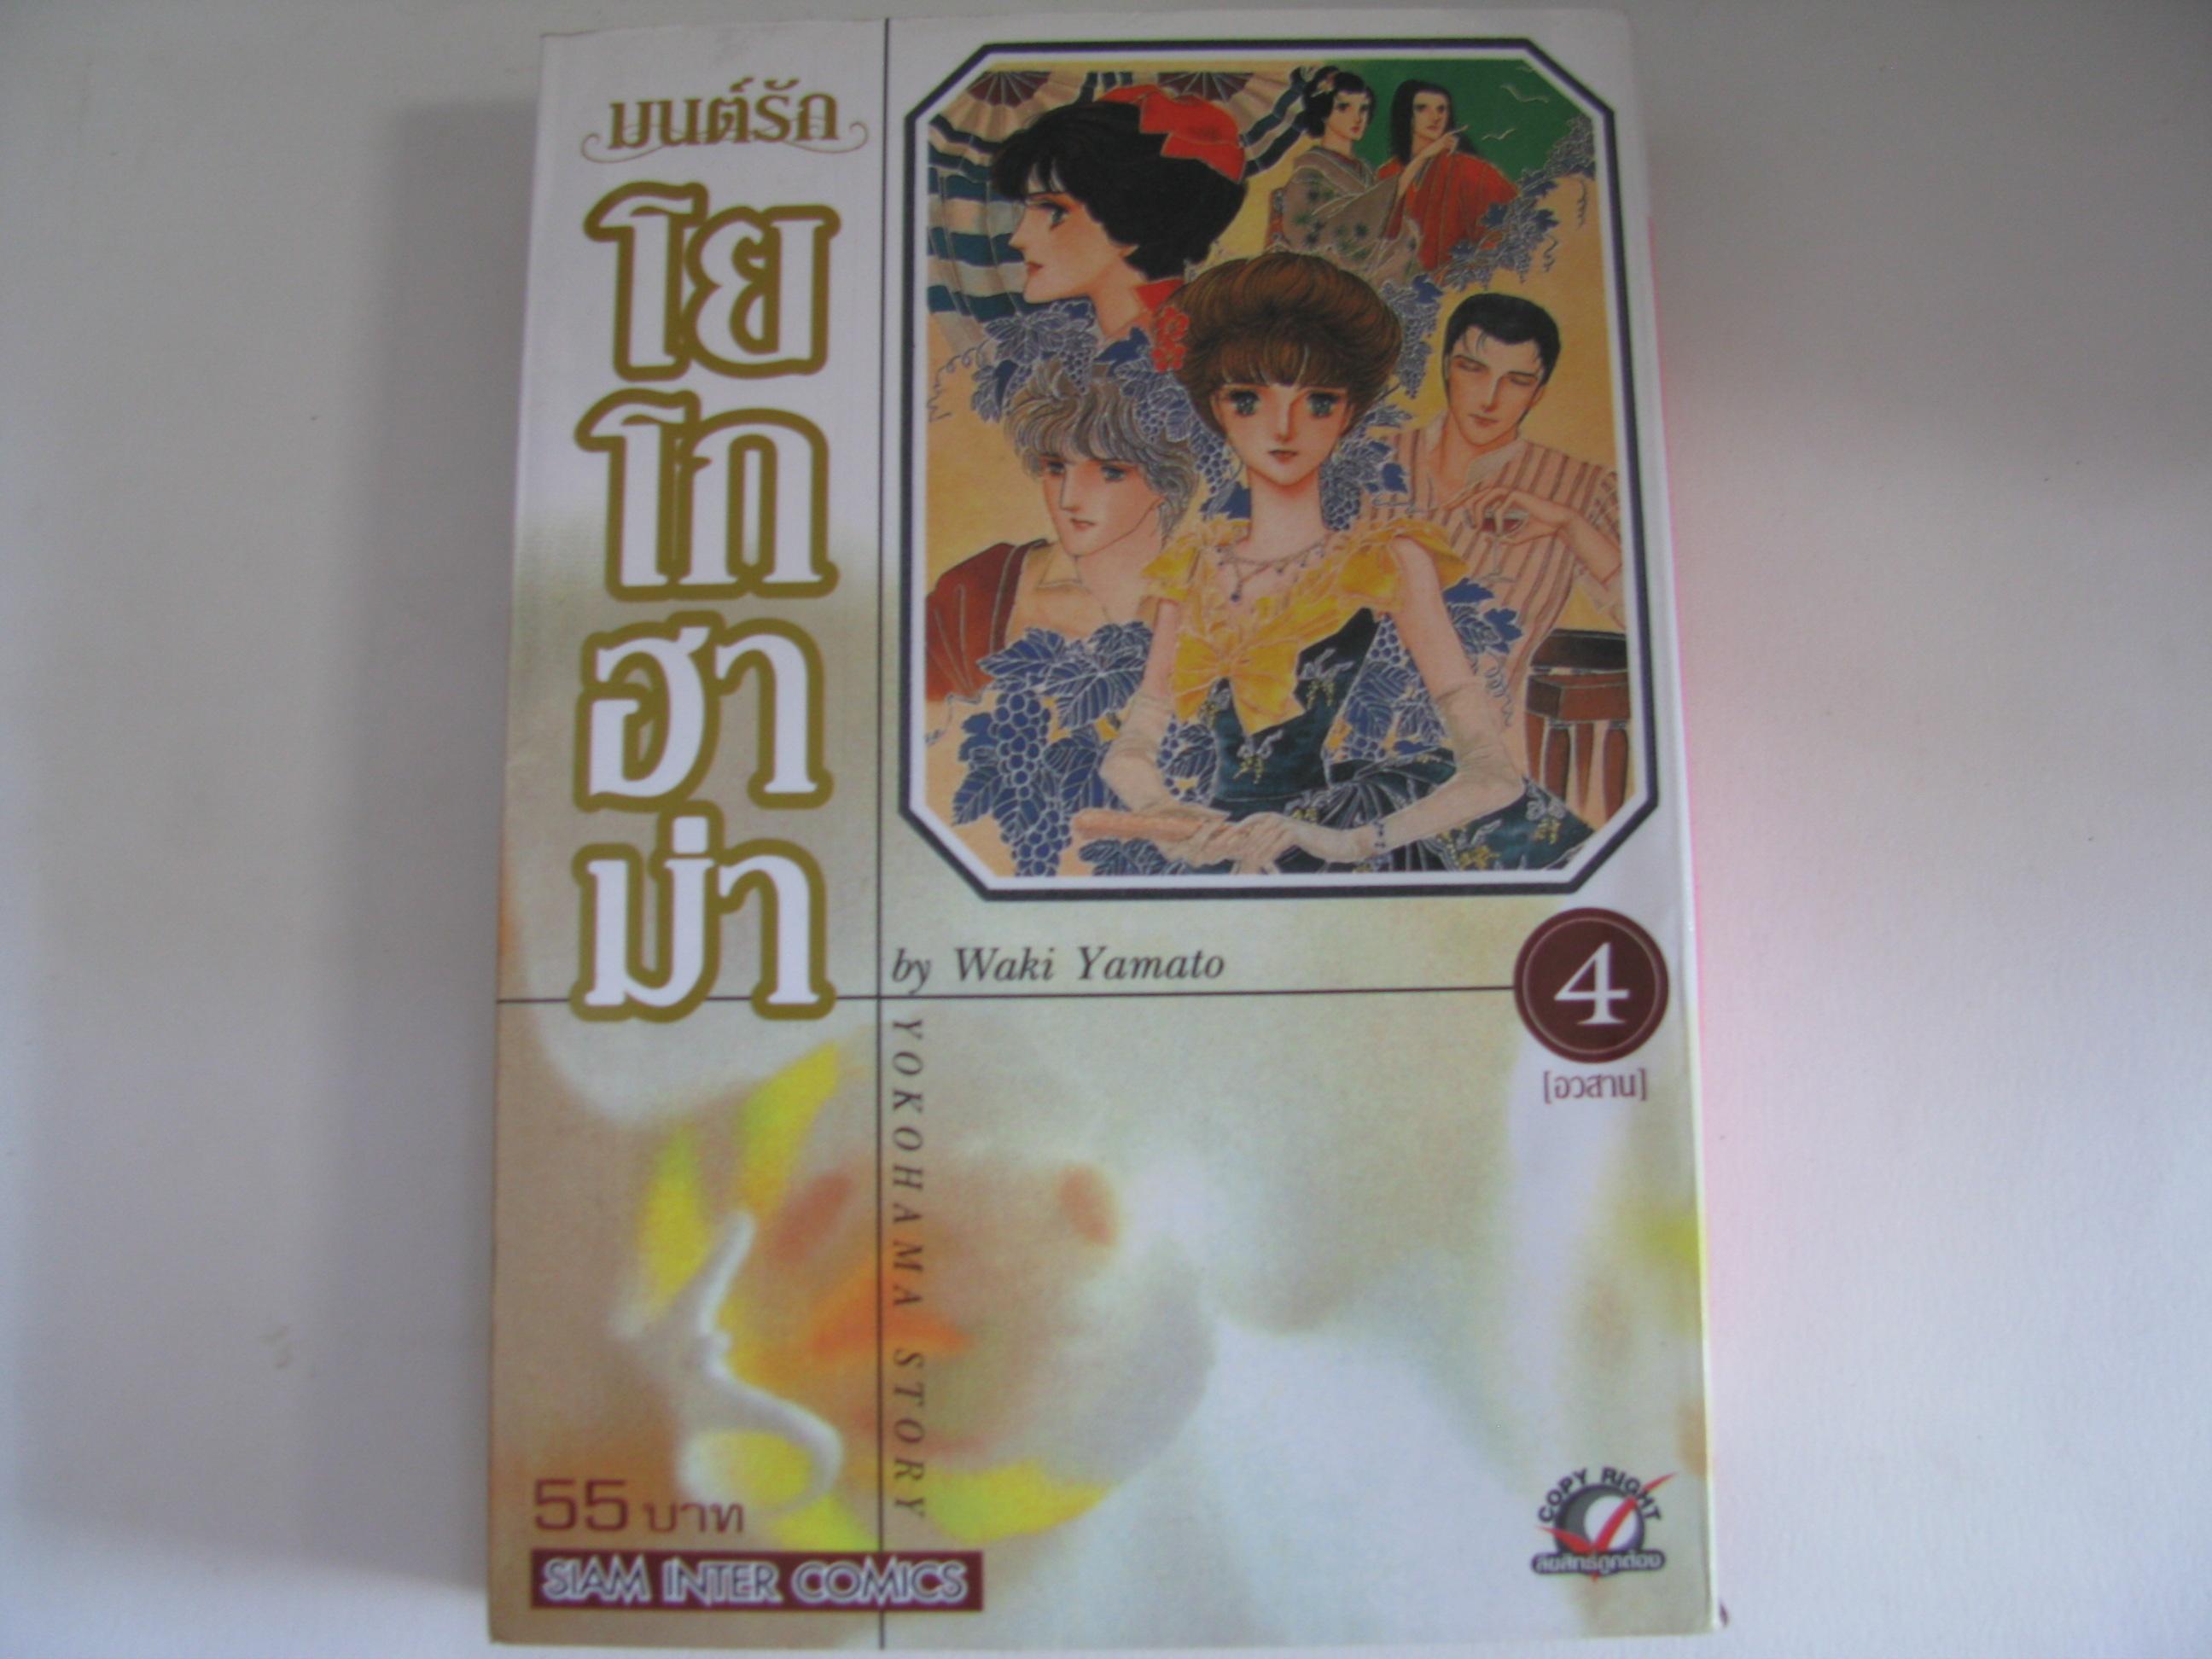 มนต์รักโยโกฮาม่า เล่ม 4 เล่มจบ Waki Yamato เขียน